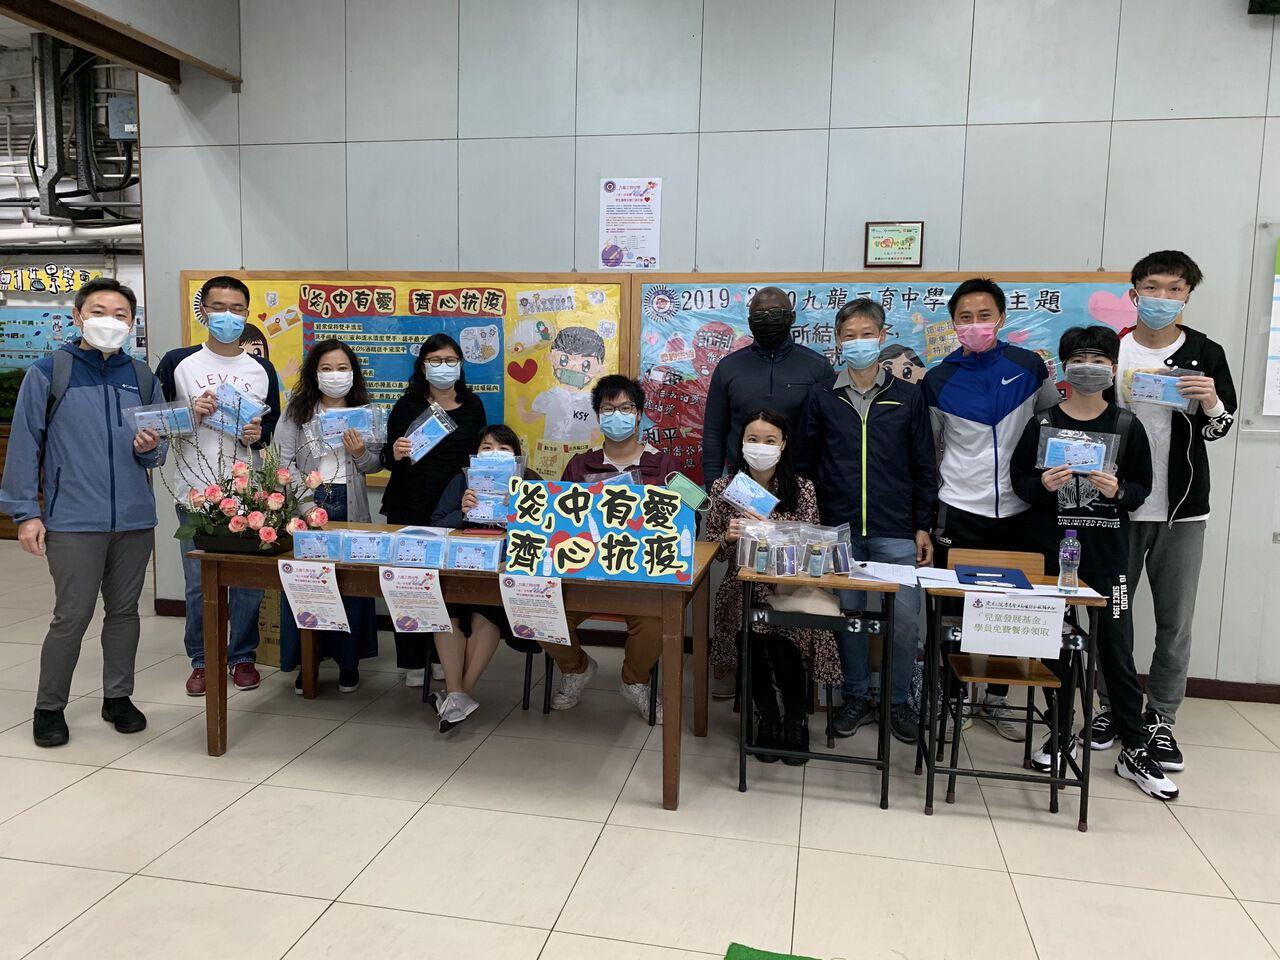 「炎」中有愛免費口罩派發活動  九龍三育中學